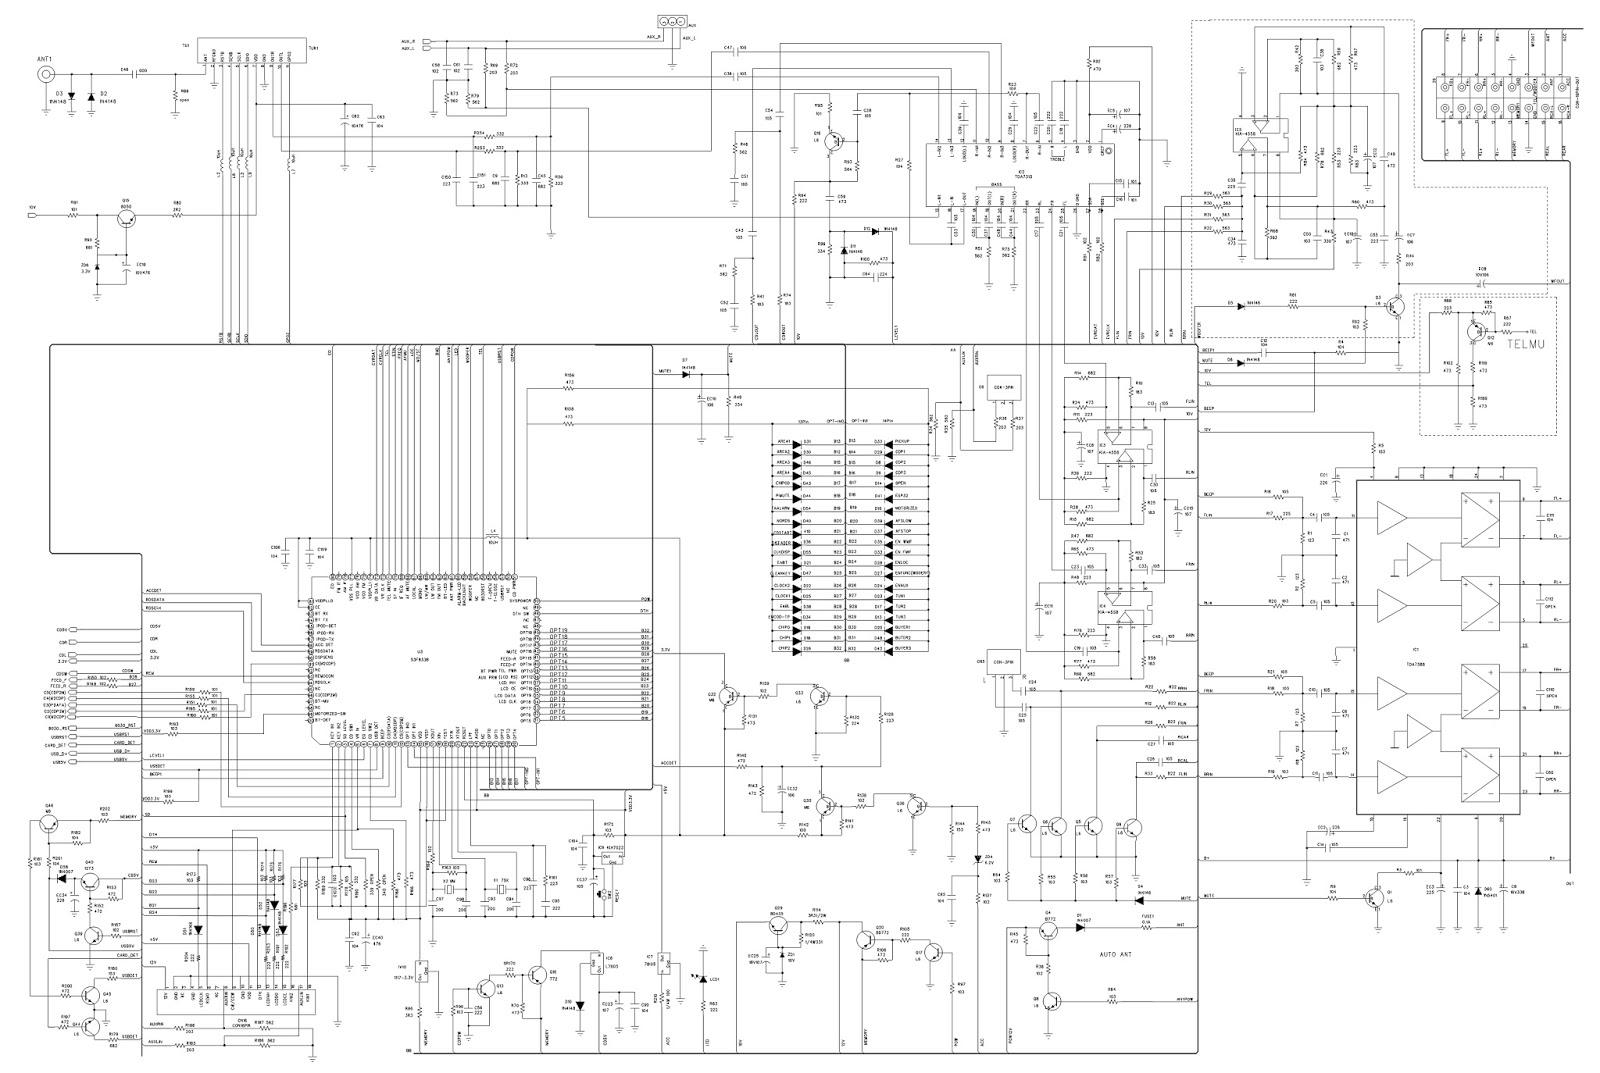 PHILCO PCA 230 - AUTO RADIO - SCHEMATIC DIAGRAM [Circuit Diagram ...